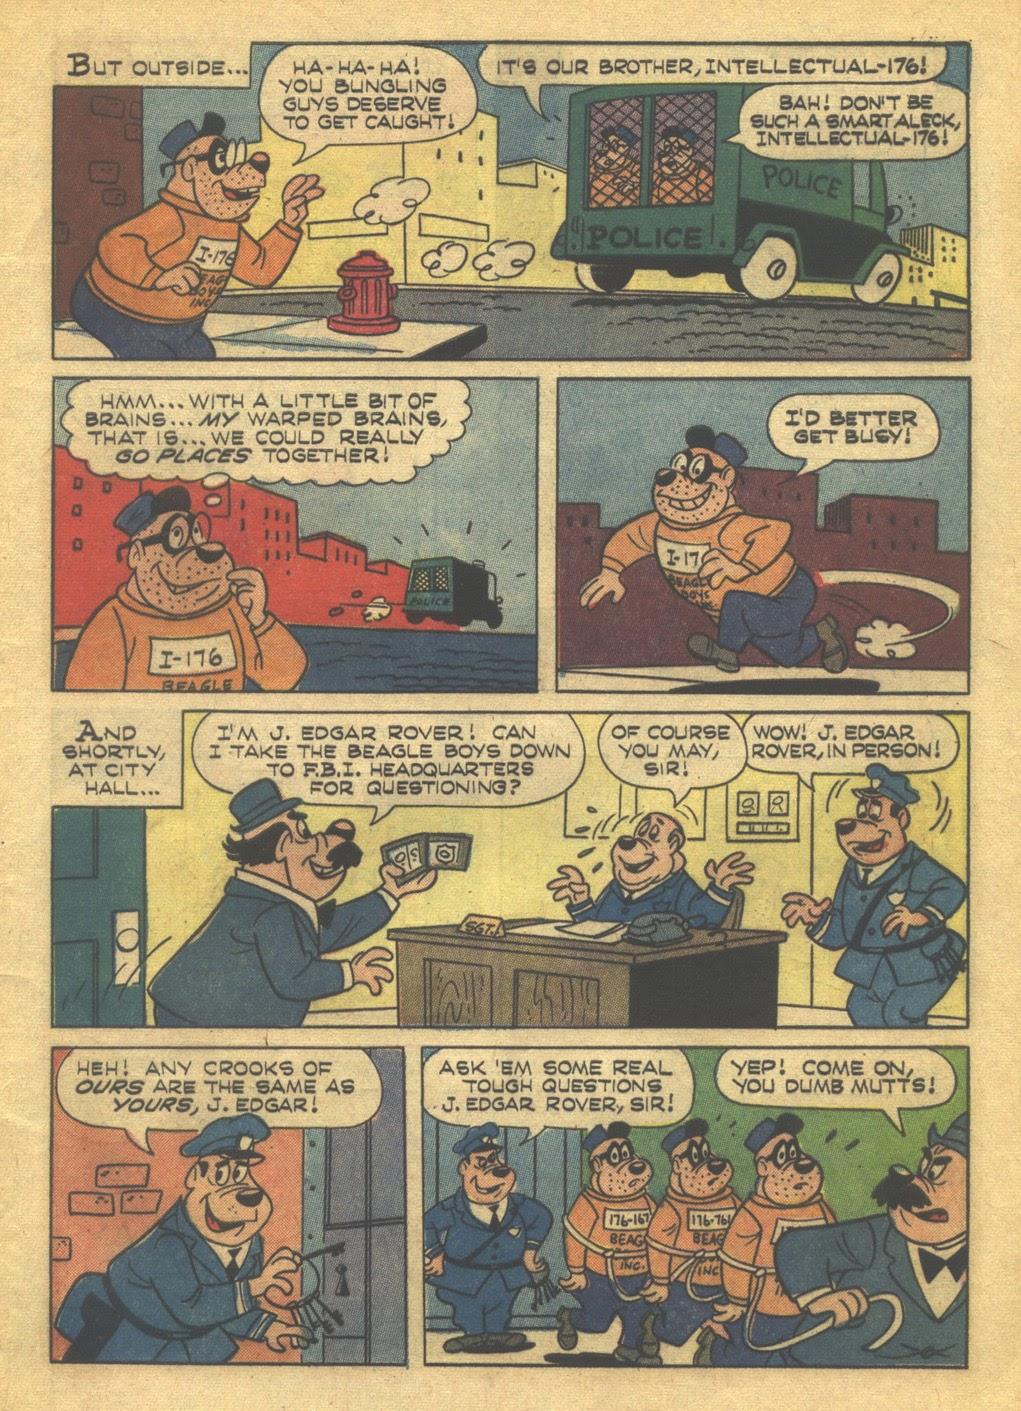 Walt Disney THE BEAGLE BOYS issue 7 - Page 5